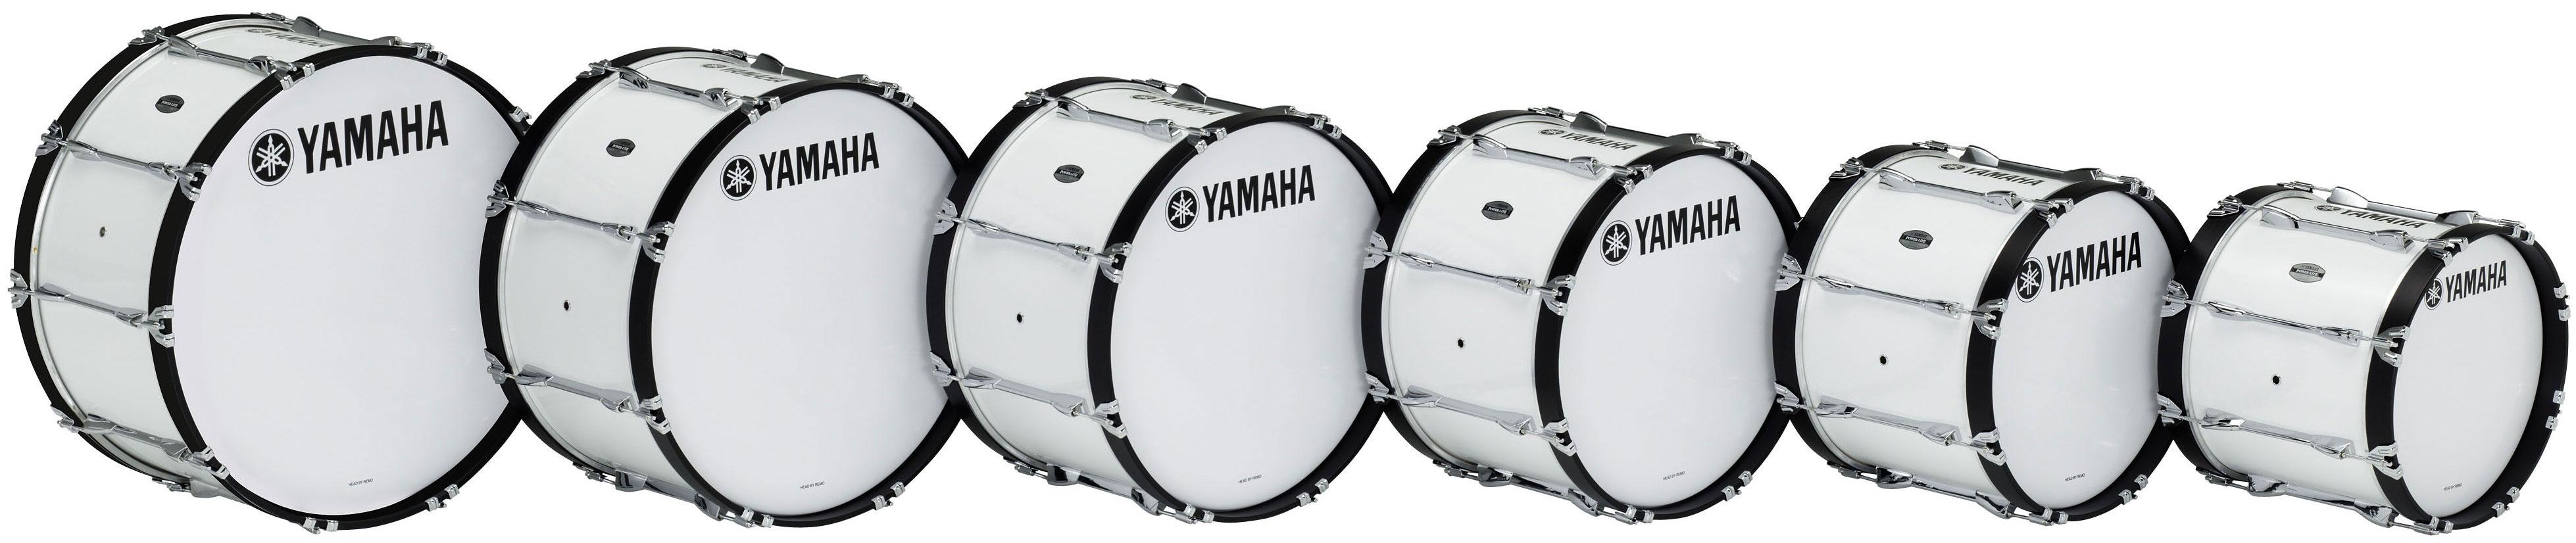 ヤマハ マーチングバスドラム MB-6326 ホワイト 【本州・四国・九州への配送料無料】